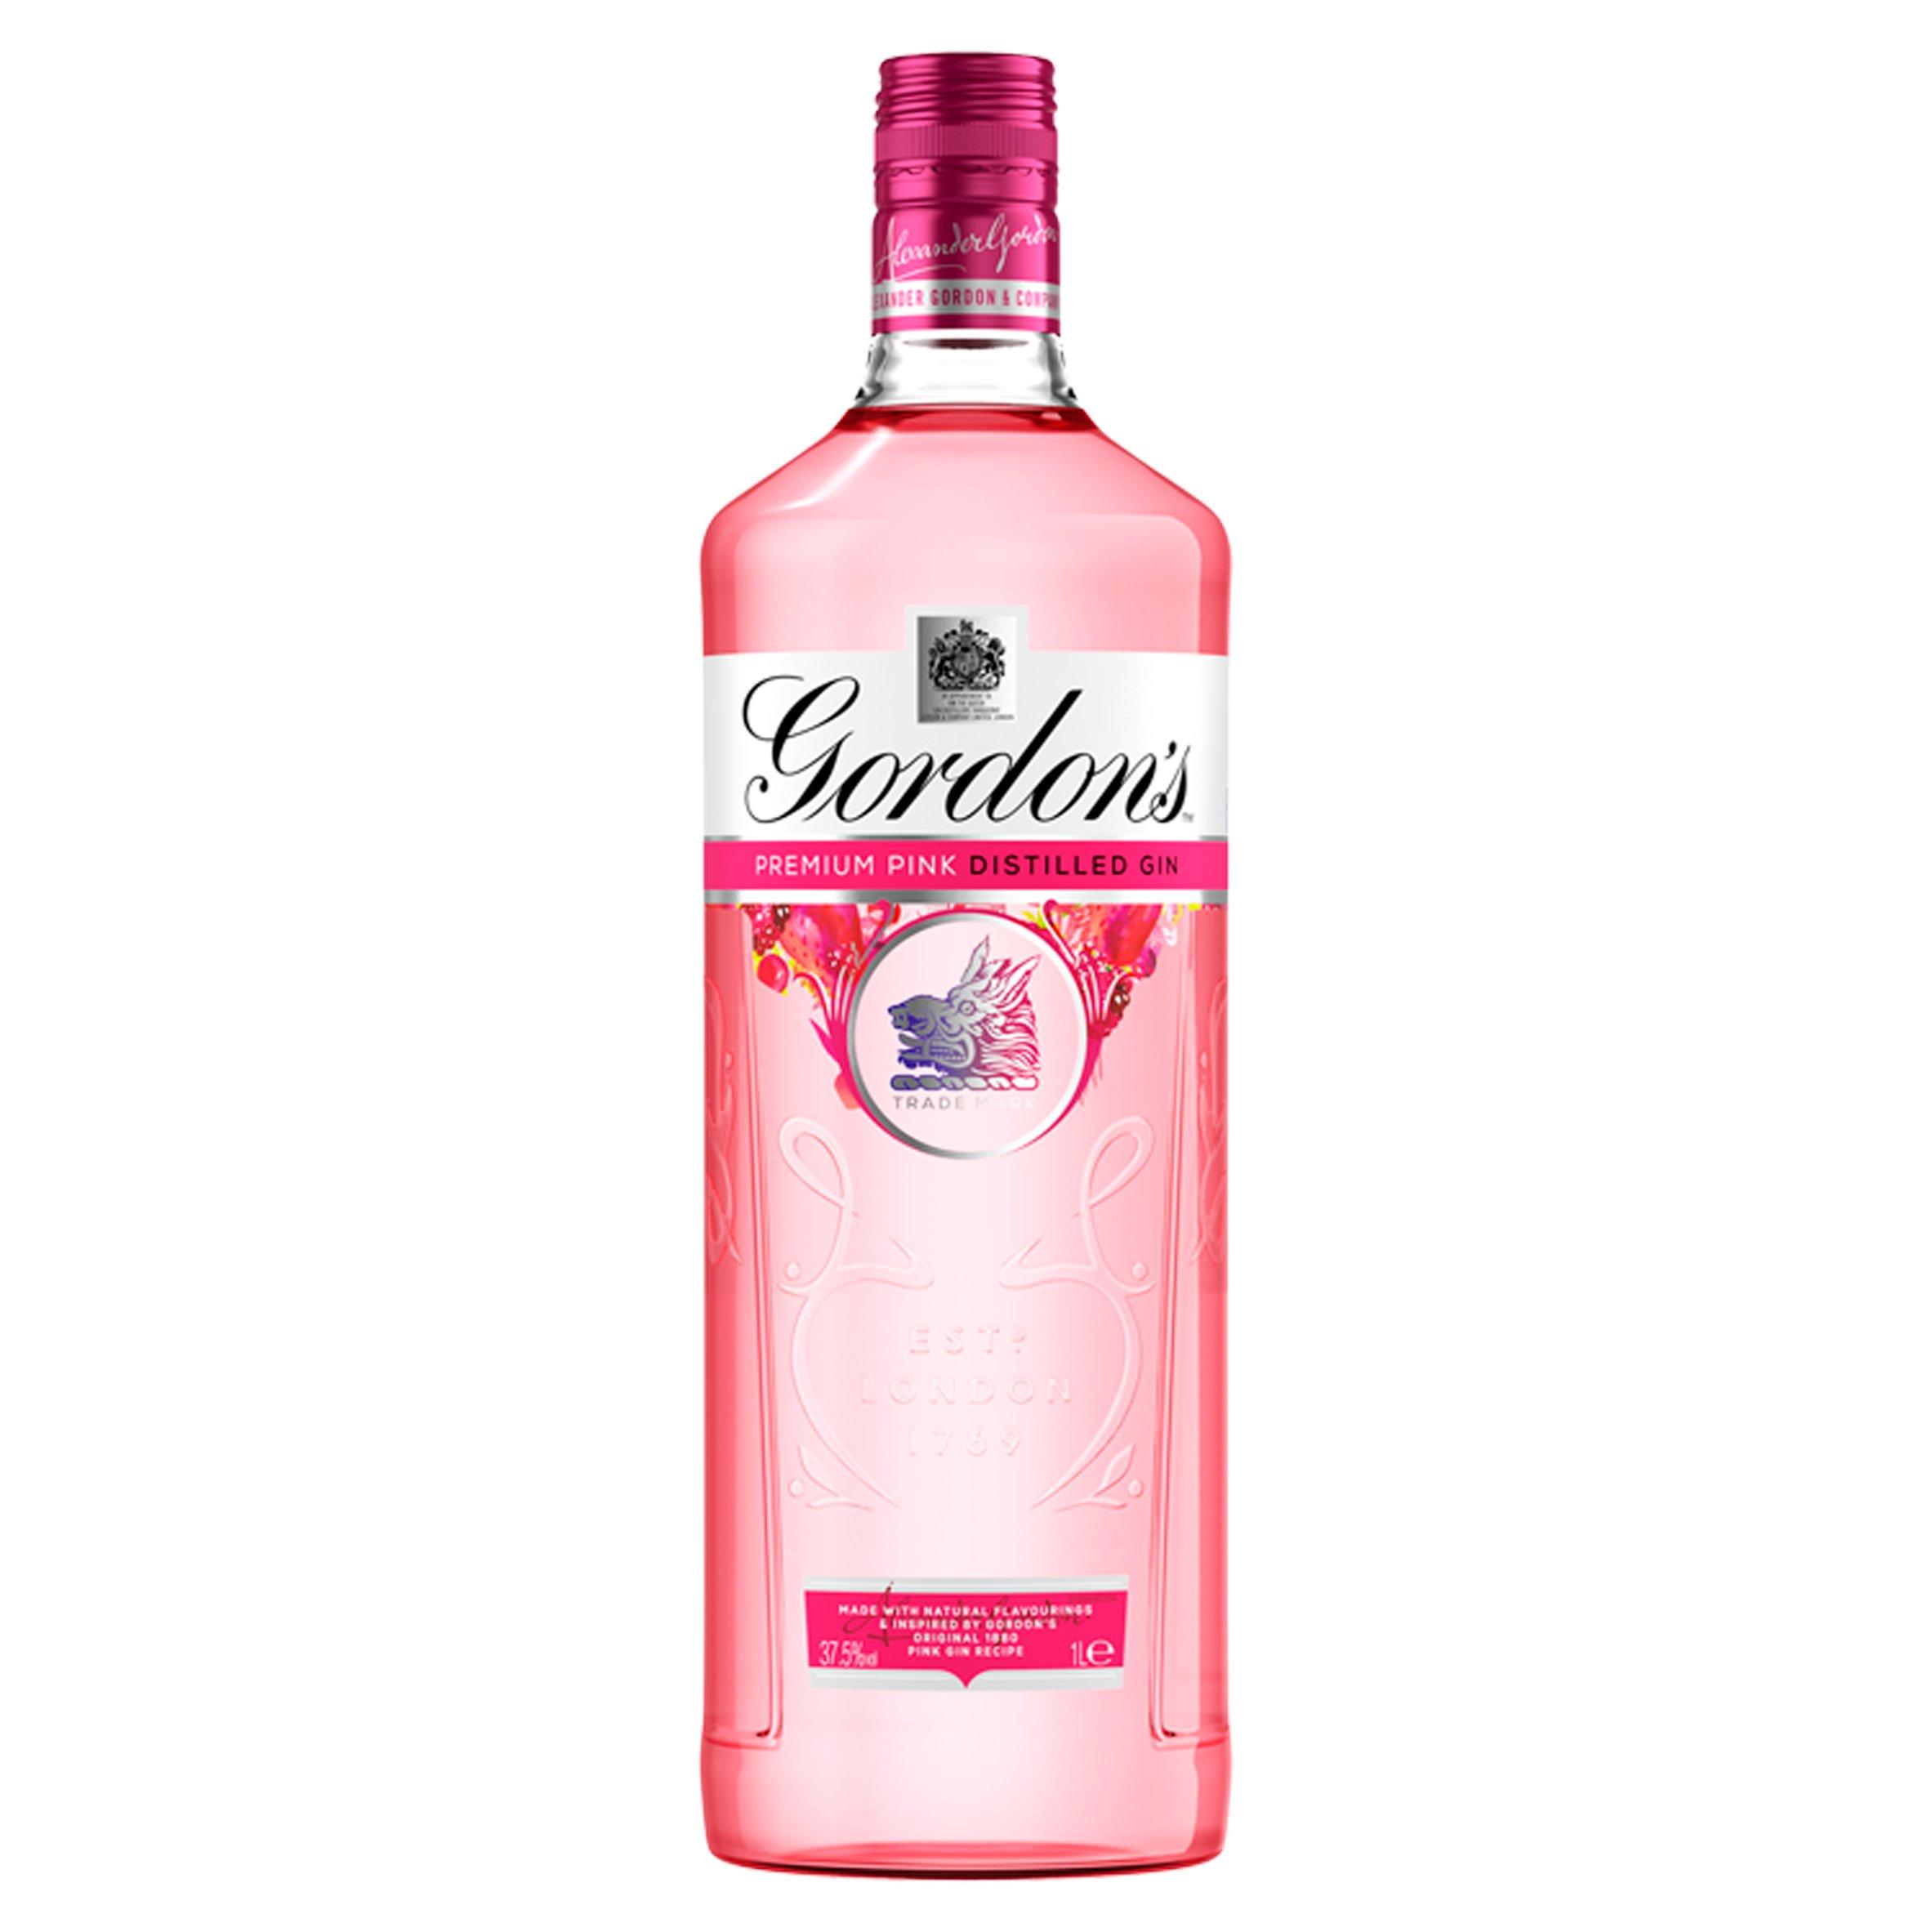 Gordon's Premium Pink Distilled Gin 1 Litre